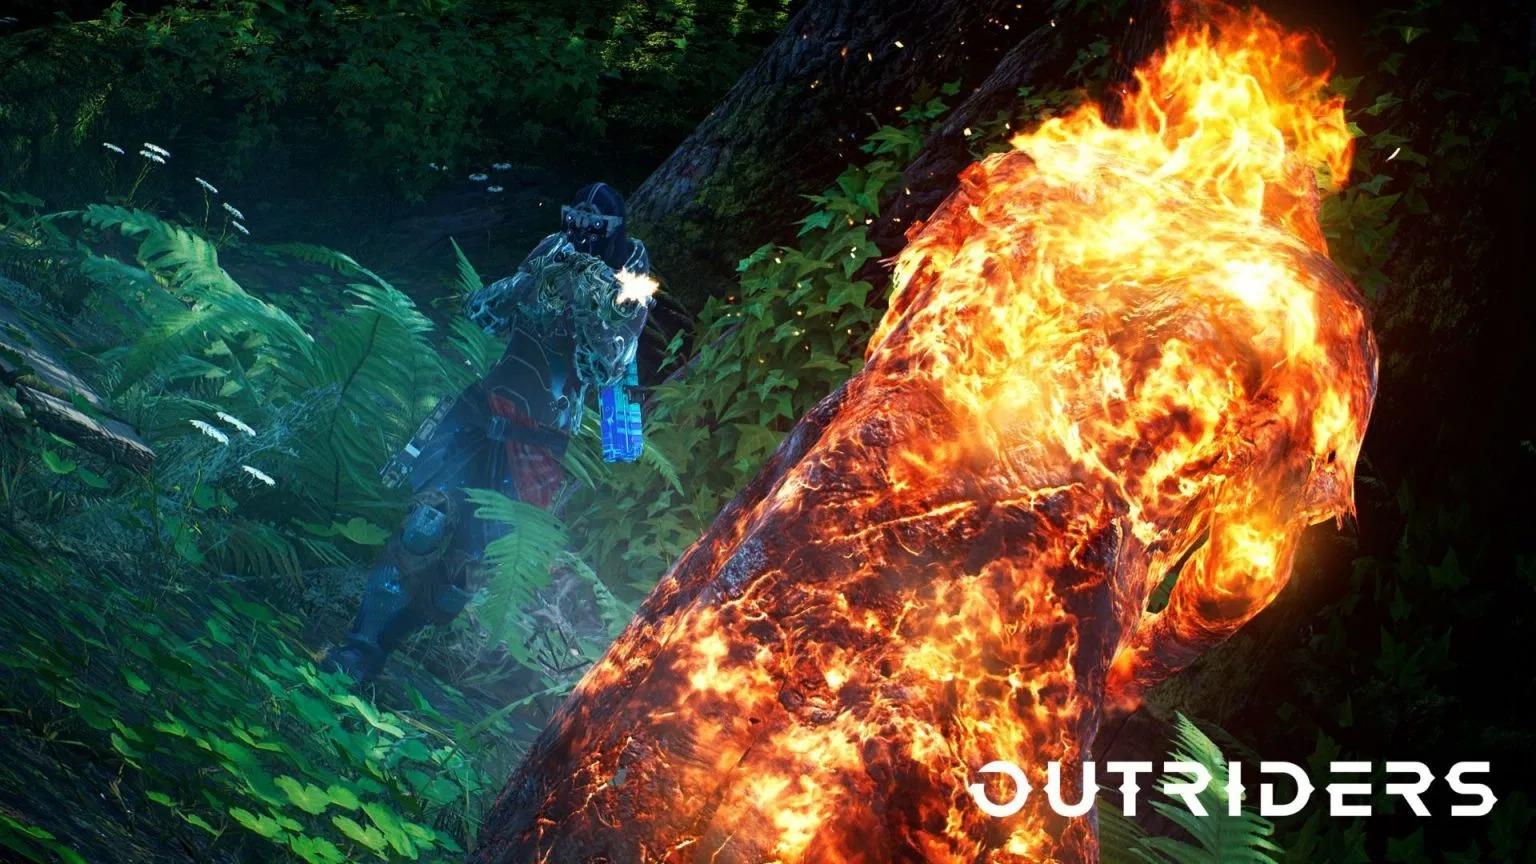 次世代新作《Outriders》又一批高清截图展示